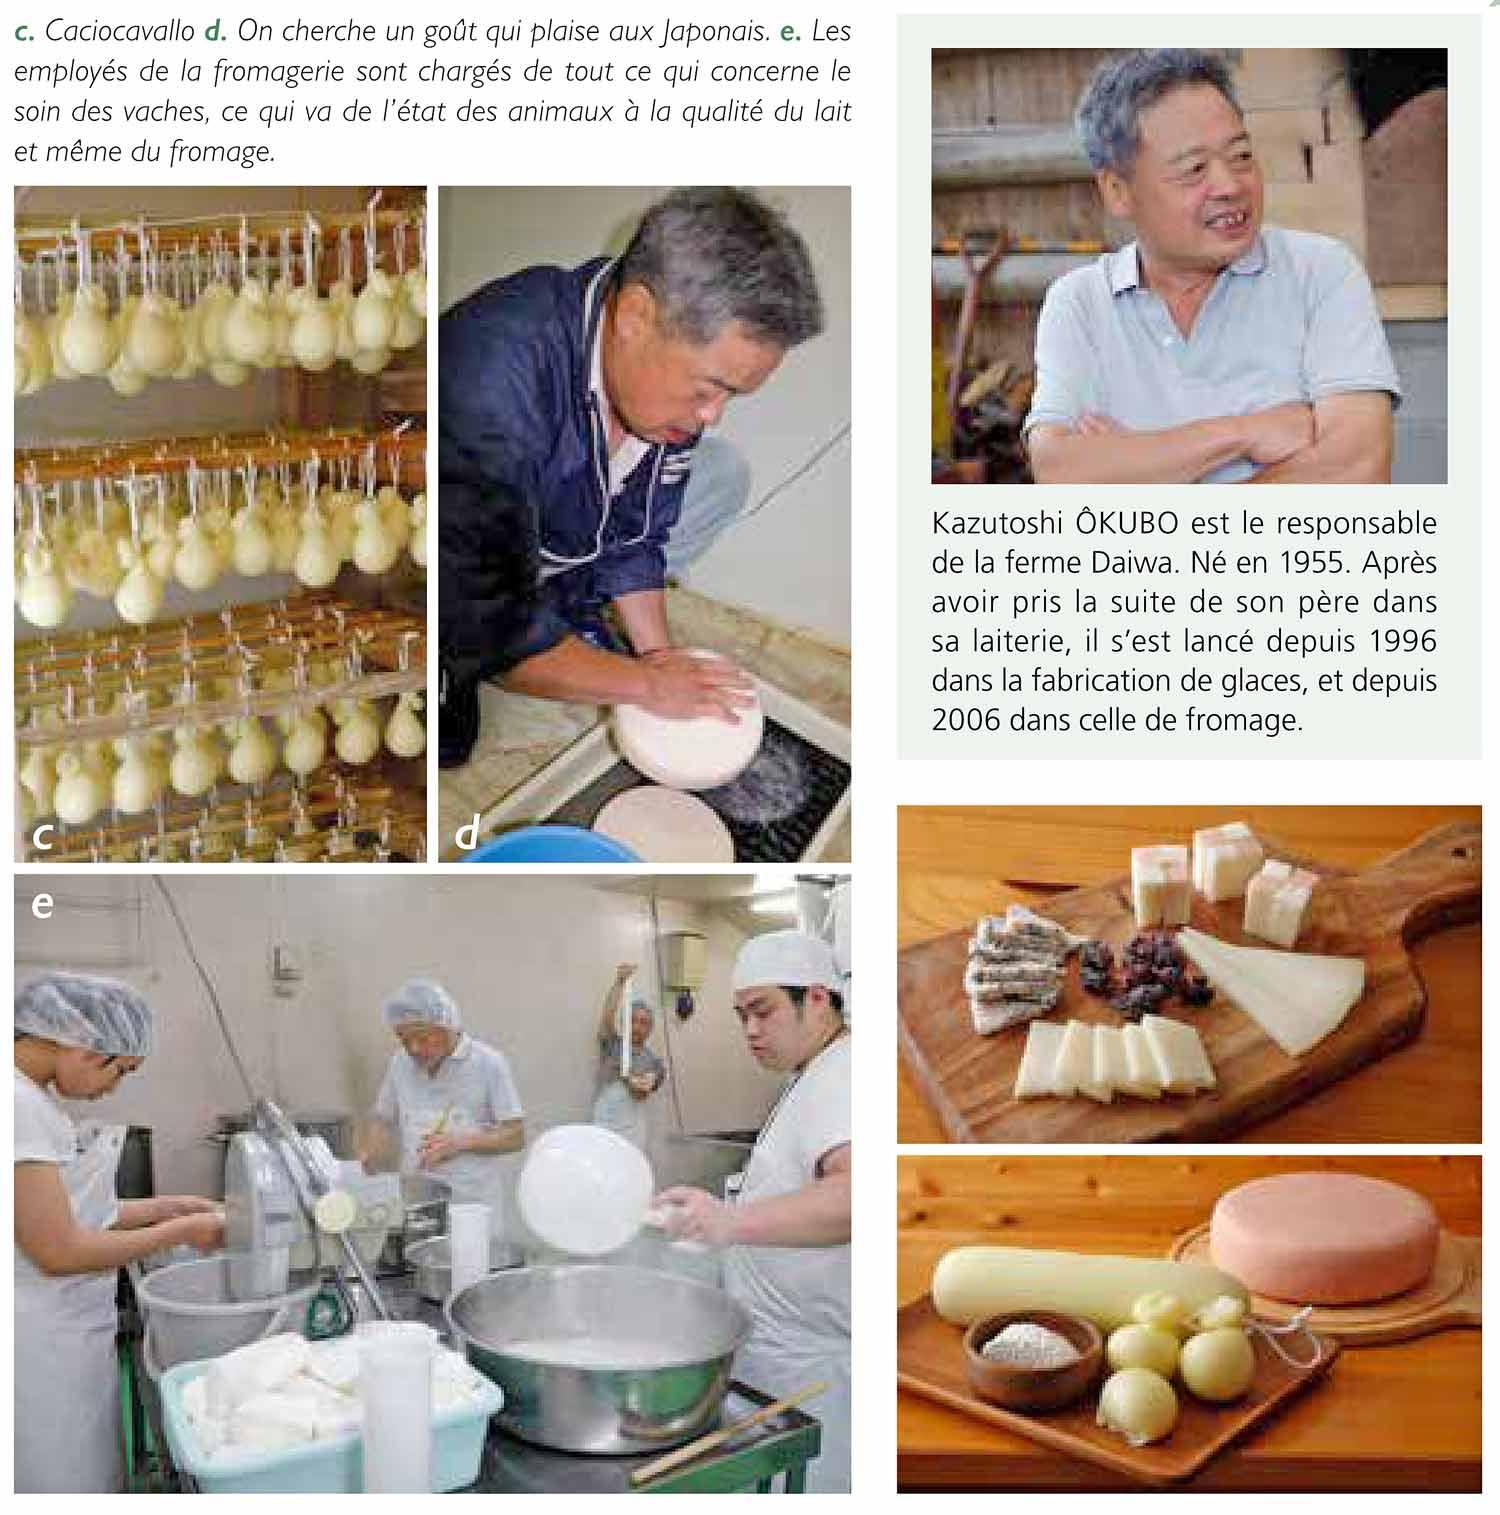 Ferme Daiwa de Kazutoshi Ôkubo - Crédit photo : www.cheese-professional.com